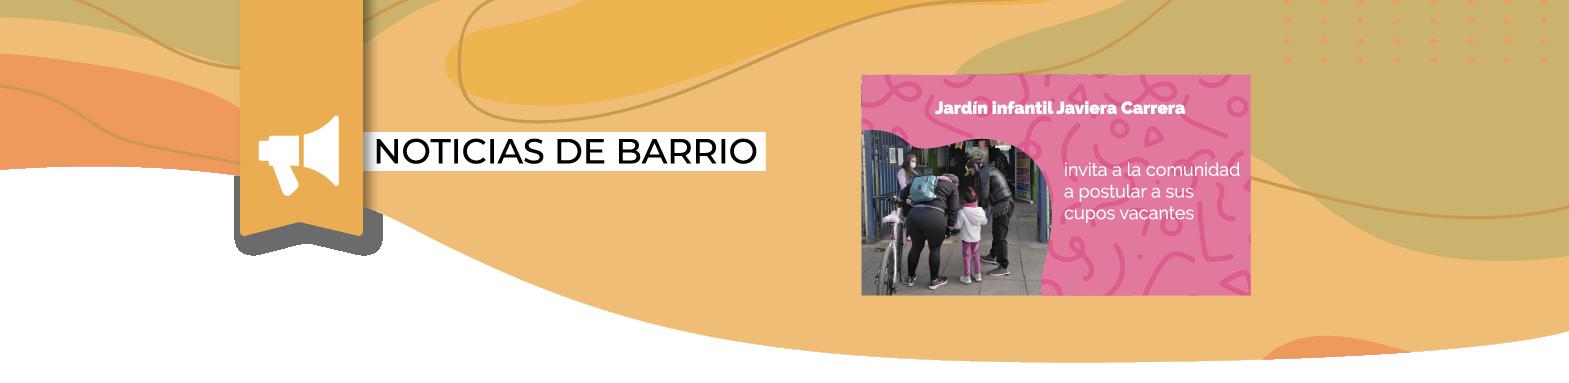 Directora del Jardín infantil Javiera Carrera de Villa Nuevo Amanecer anuncia cupos disponibles